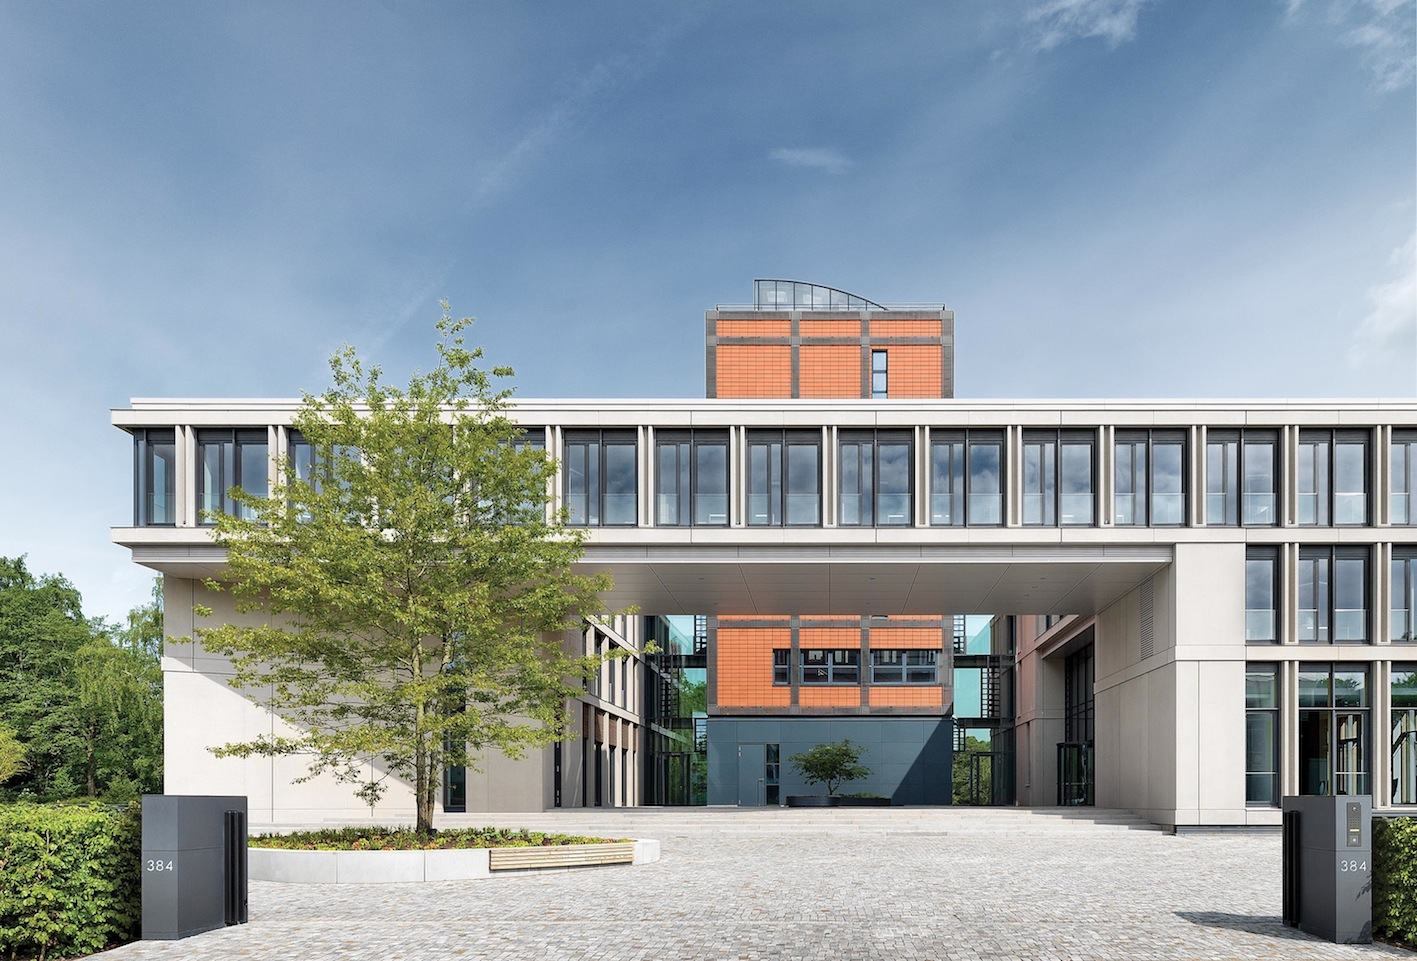 Bauwerk Hamburg aiv hamburg